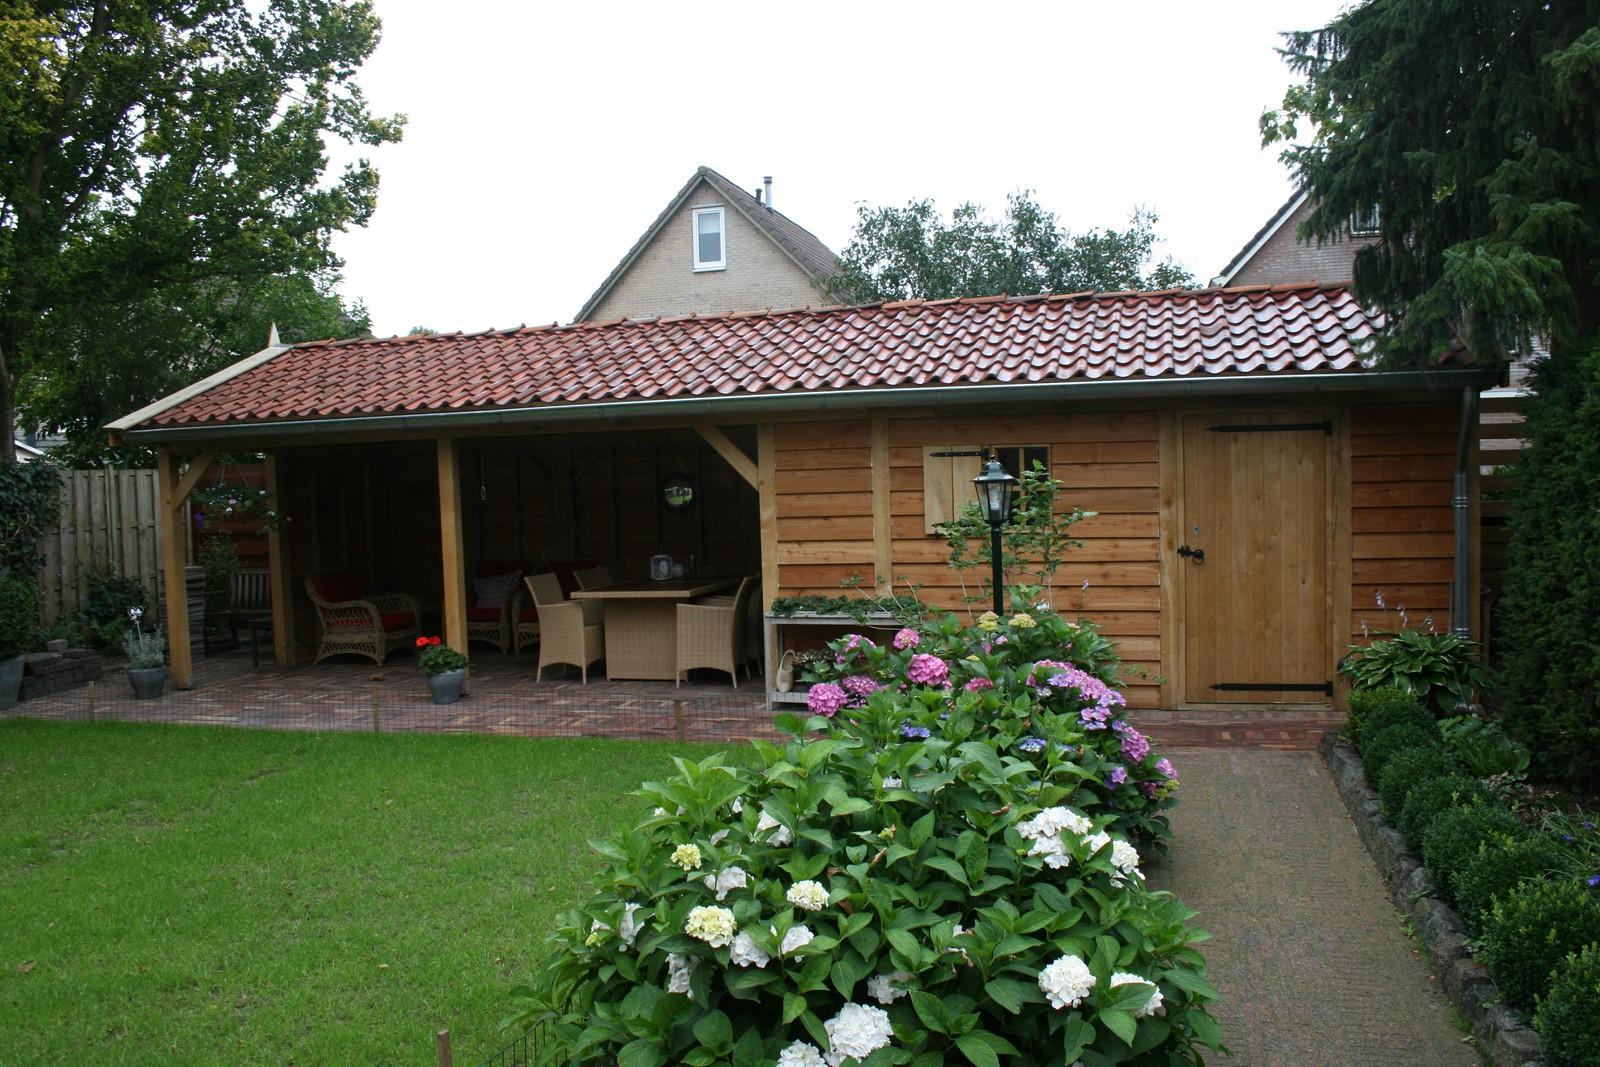 ... veranda of landelijke houten kapschuur op maat. - tuinhuis met veranda